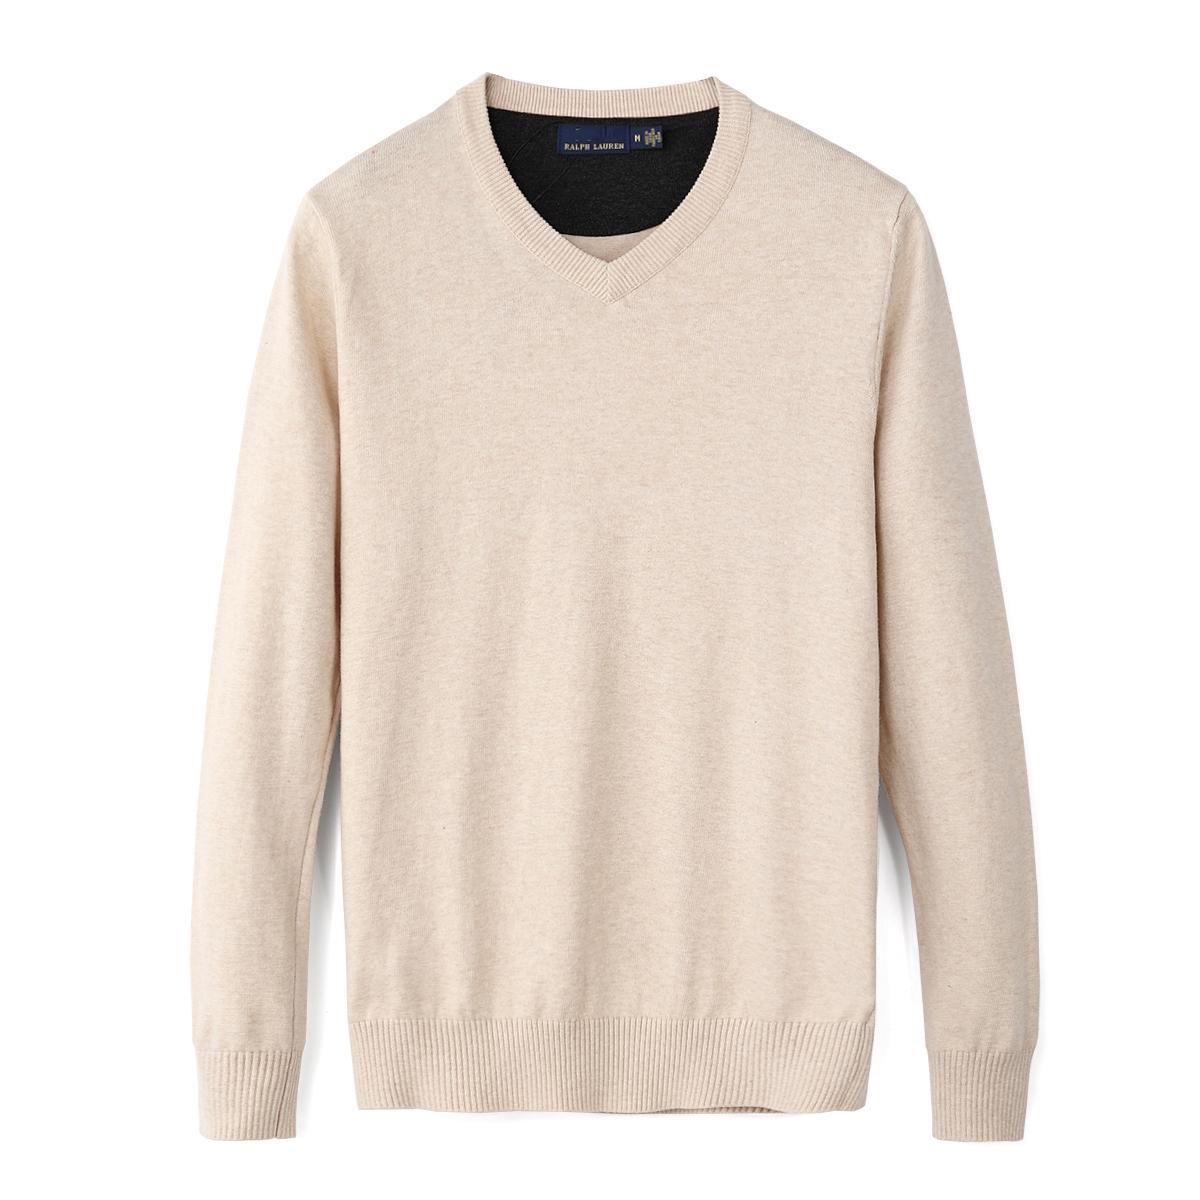 망 말 스웨터 가을 겨울 새로운 캐주얼 V 넥 남성용 폴로 스웨터 100 % 코튼 풀오버 남성 스웨터 무료 hotklj